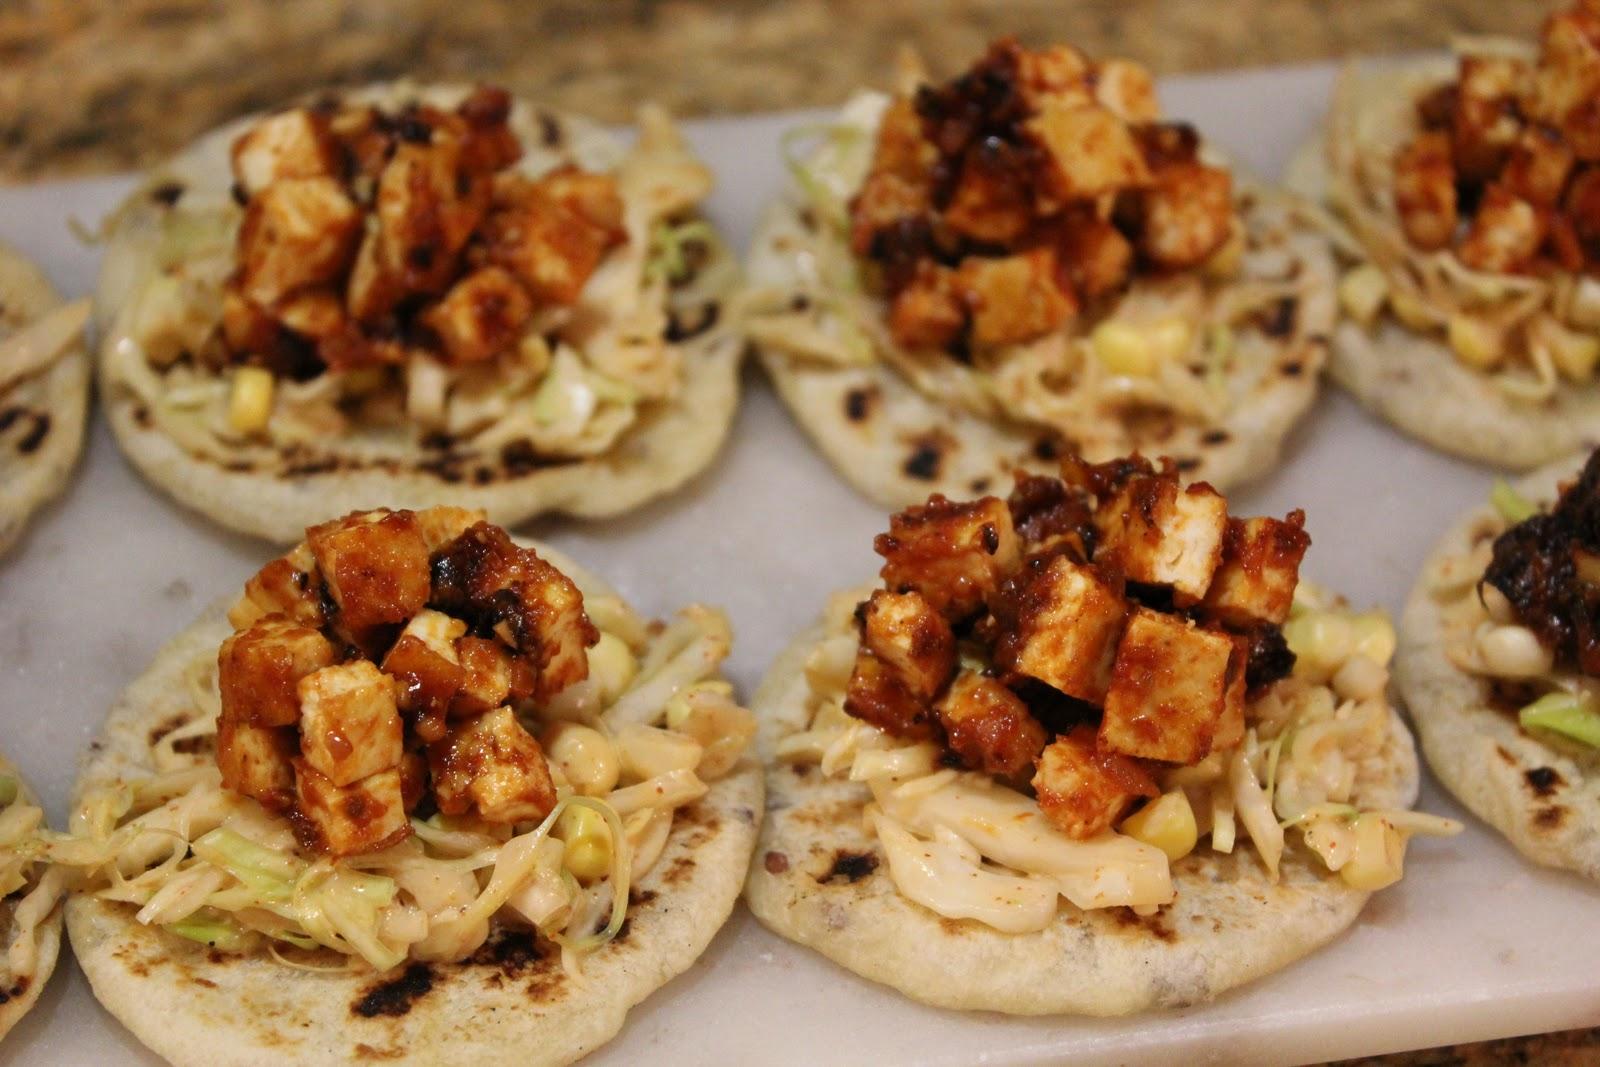 ... : South Carolina Barbecue Tofu Sandwich: A Recipe from Spork Foods